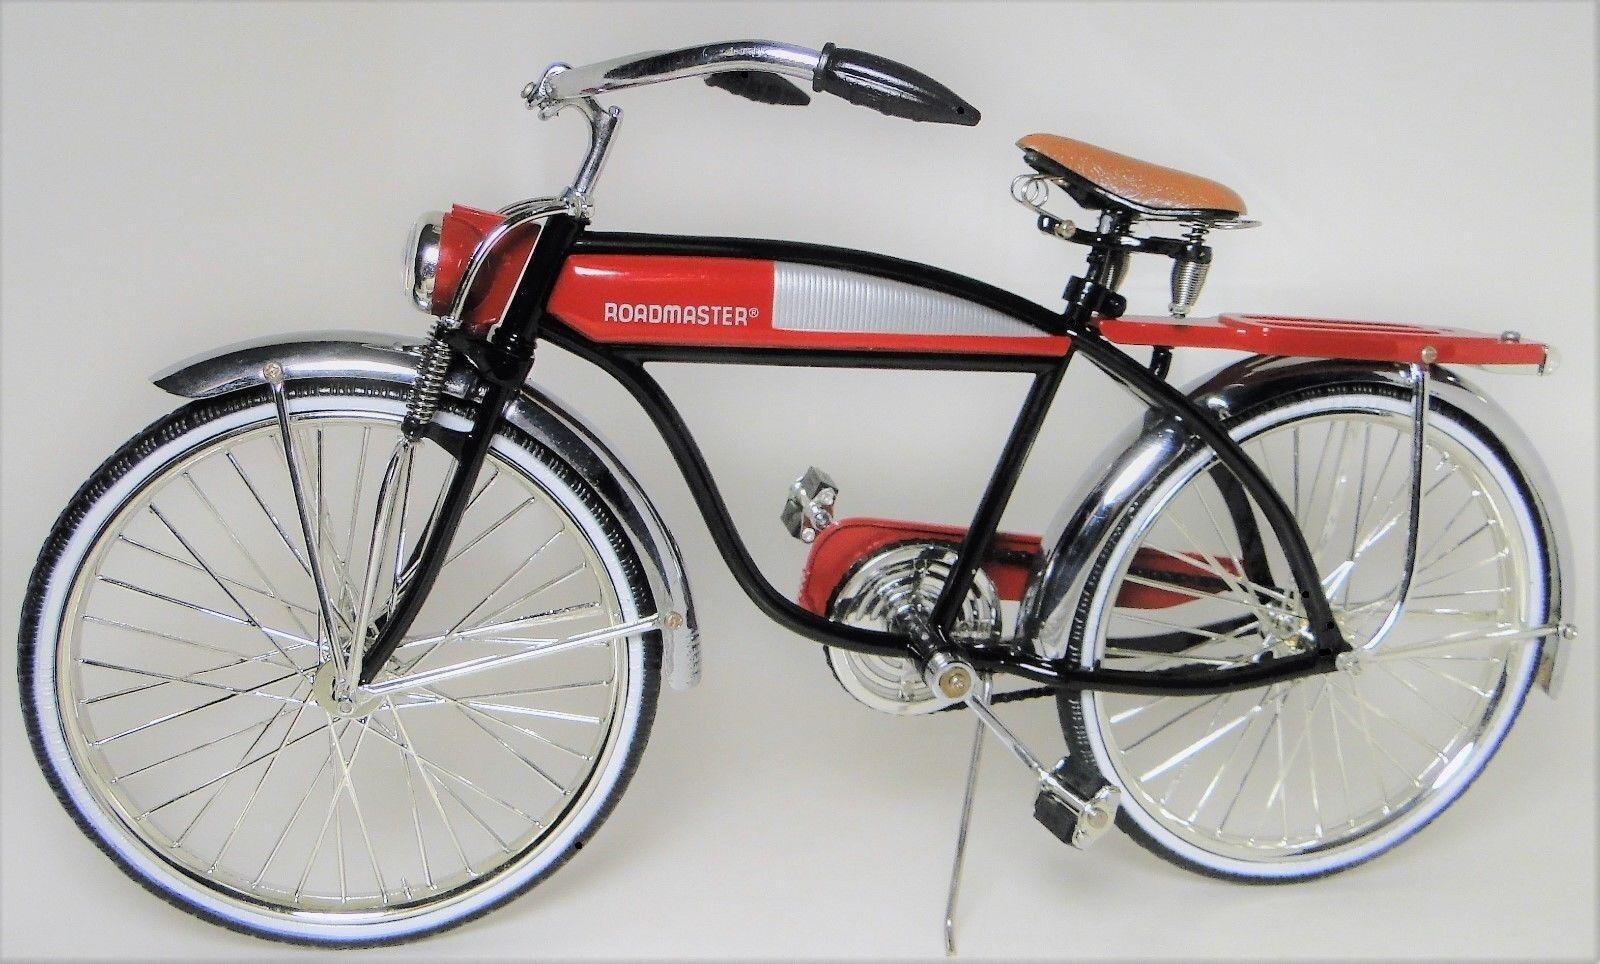 велосипеды гдр фото можете сказать фотографу